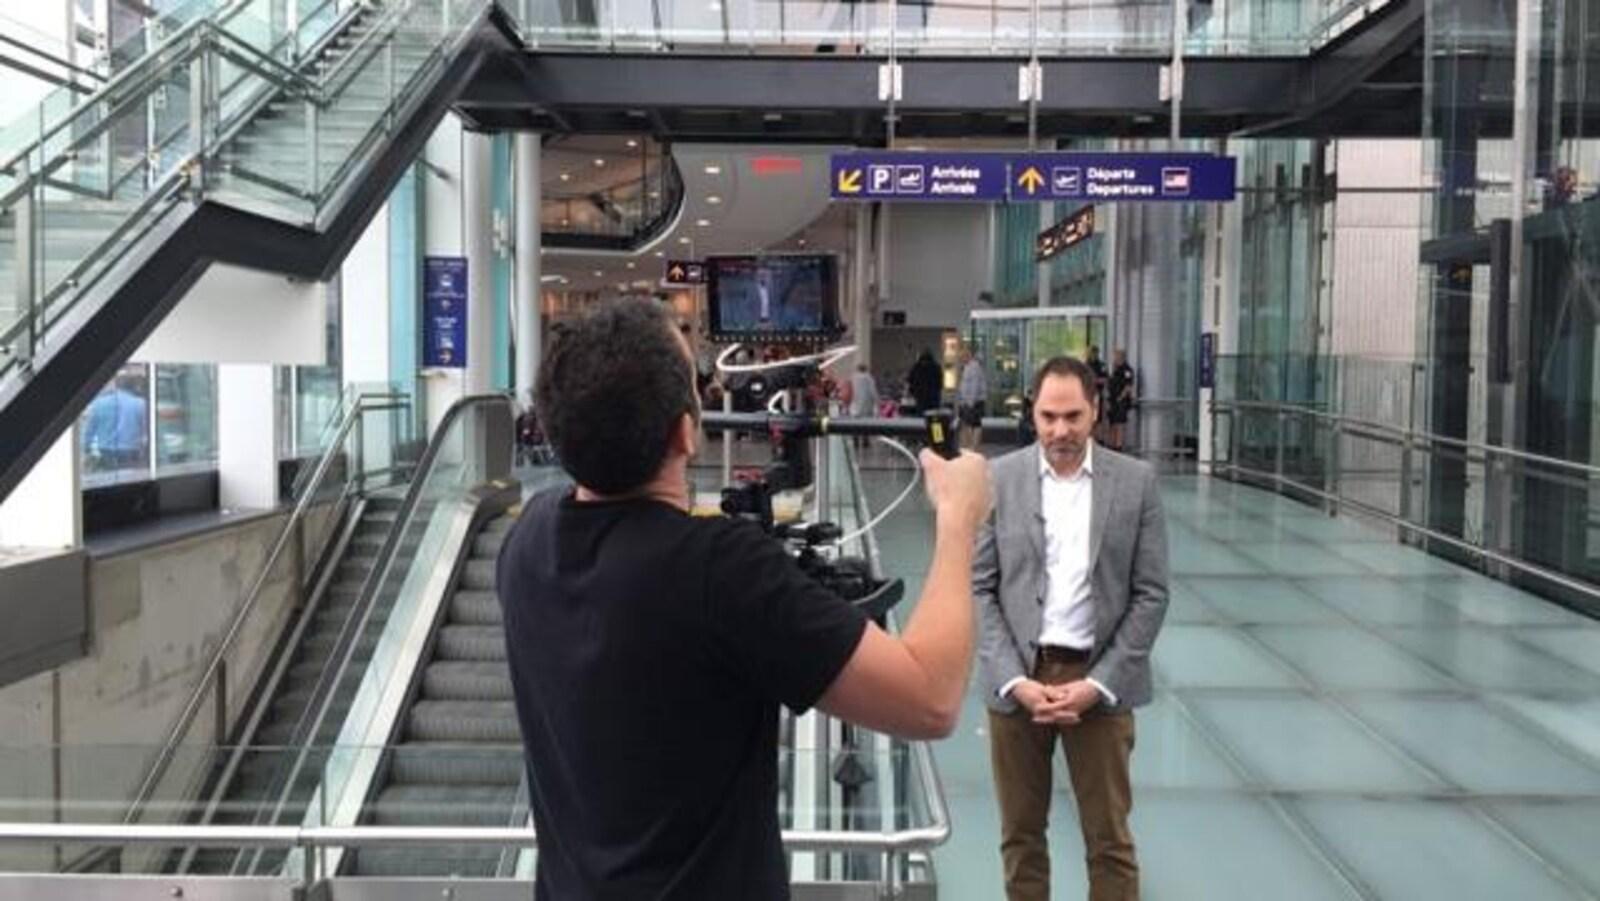 François Sanche, l'animateur de La facture, en tournage à l'aéroport Montréal-Trudeau